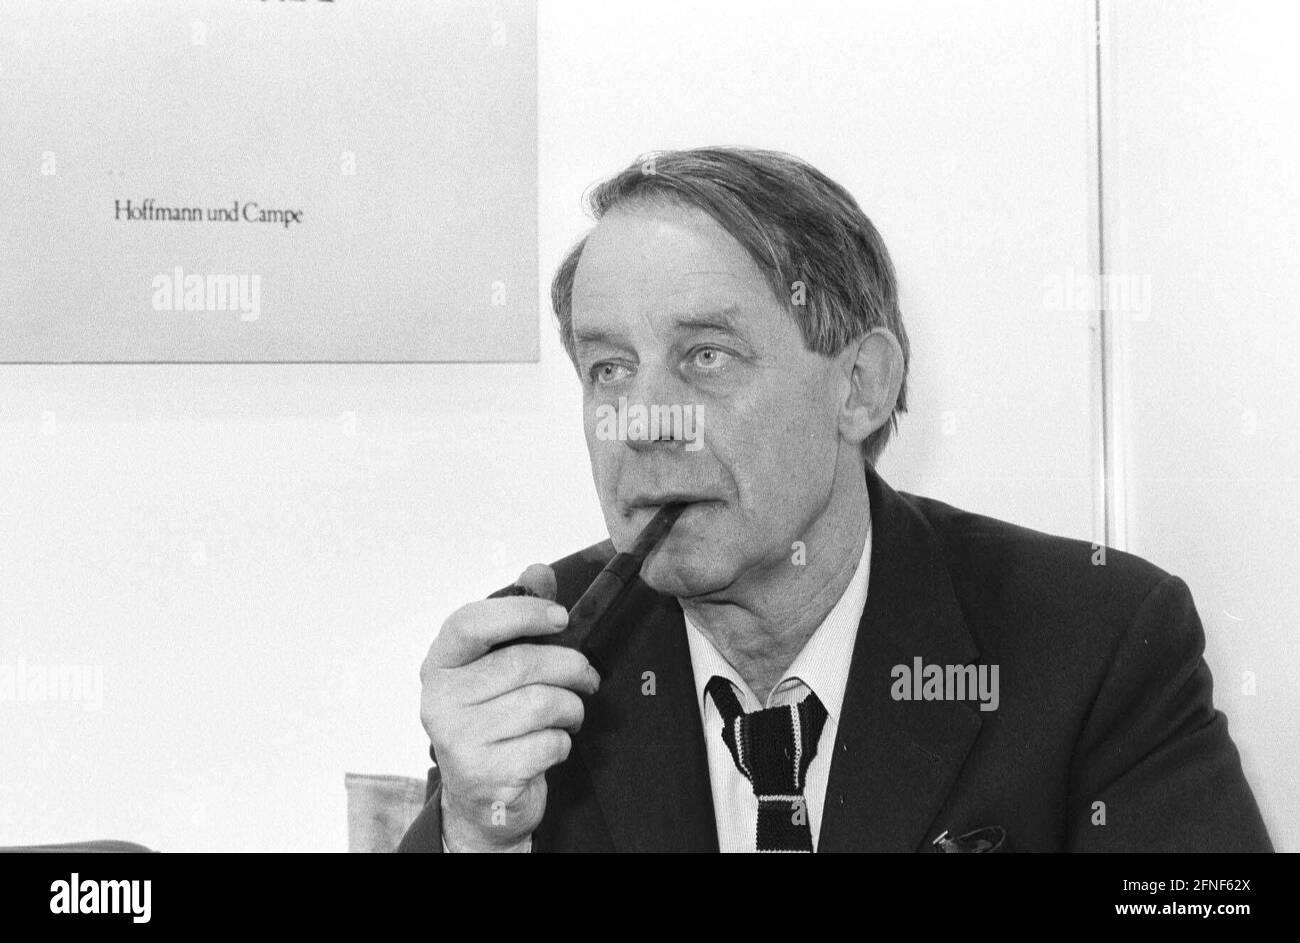 'L'écrivain allemand SIEGFRIED LENZ ('Dütschstunde', ''Heimatmuseum'', ''über den Schmerz'') célèbre son 75e anniversaire le 17 mars 2001. Lenz vit à Hambourg et est citoyen honoraire de la ville hanséatique. [traduction automatique]' Banque D'Images